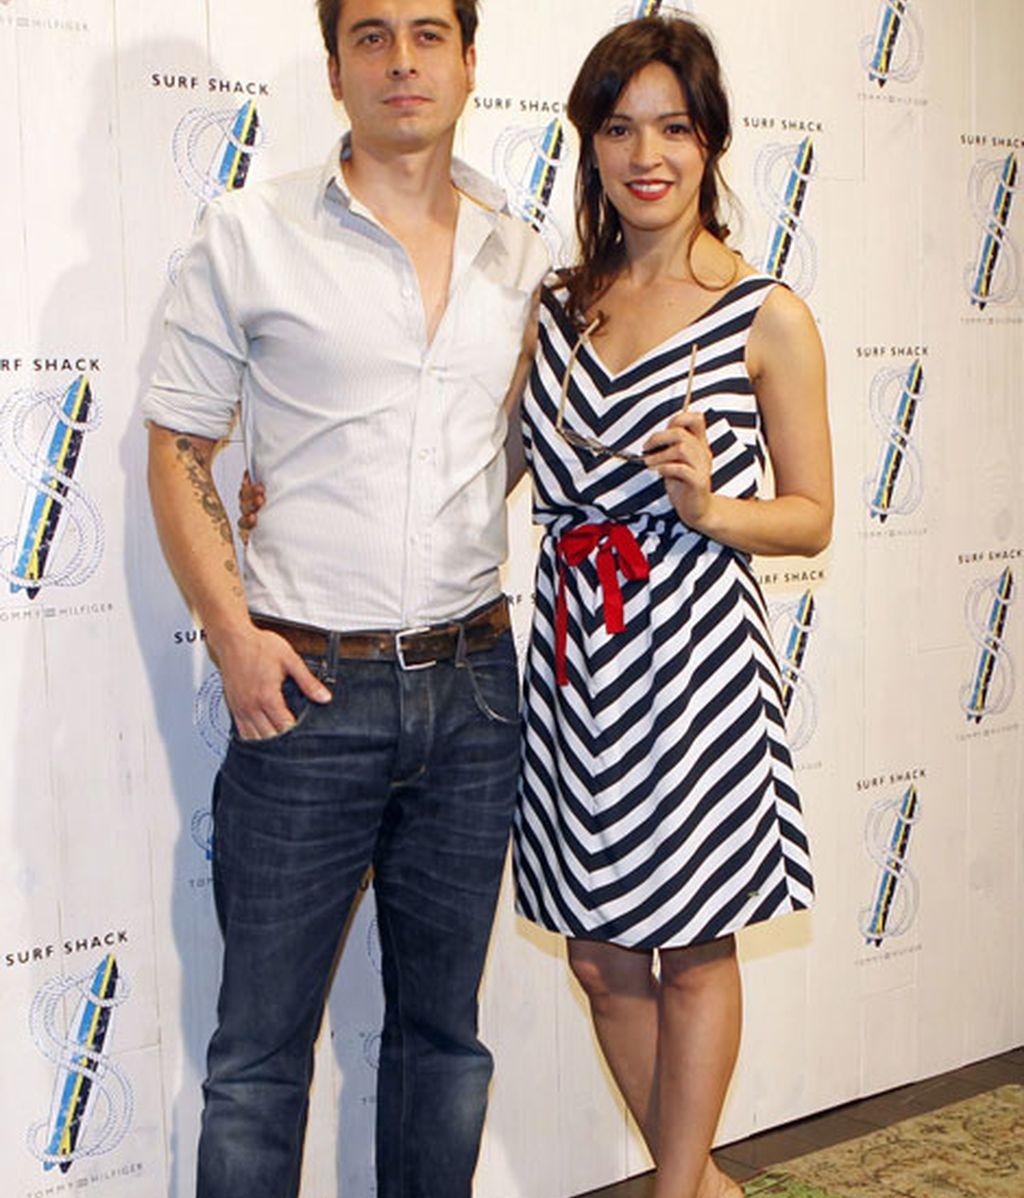 La actriz Verónica Sánchez con vestido marinero en color azul